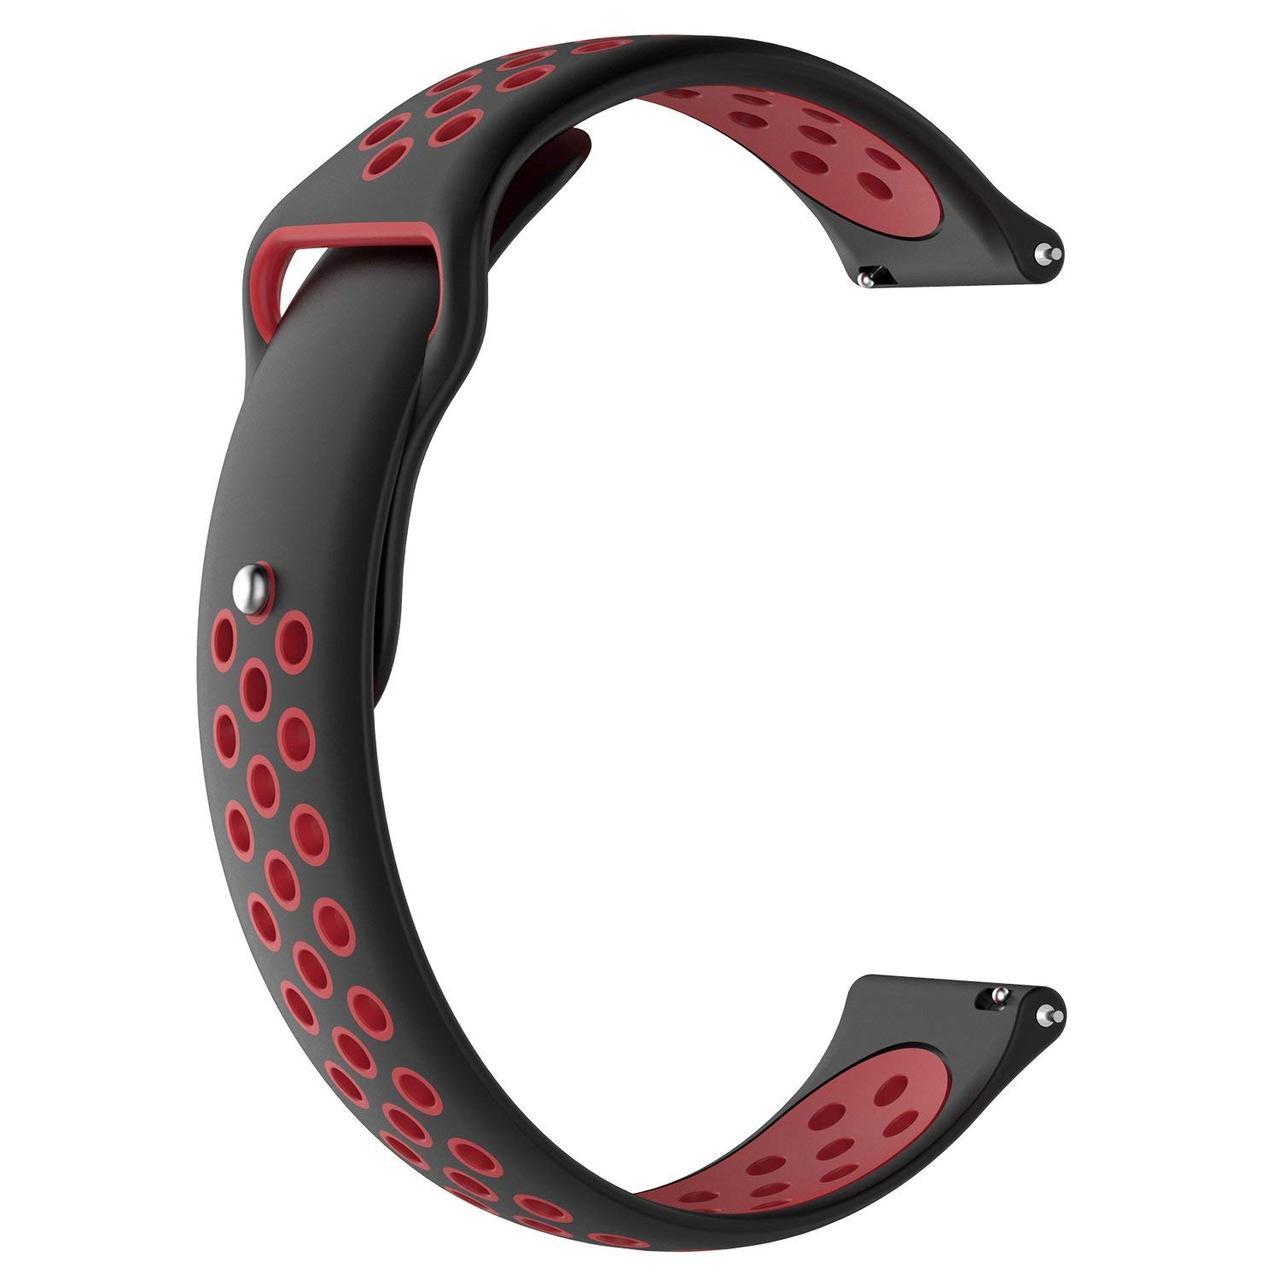 Ремешок BeWatch для Samsung Galaxy Watch 3 45 mm силиконовый 22мм перфорированный Черно-Красный (1020113)